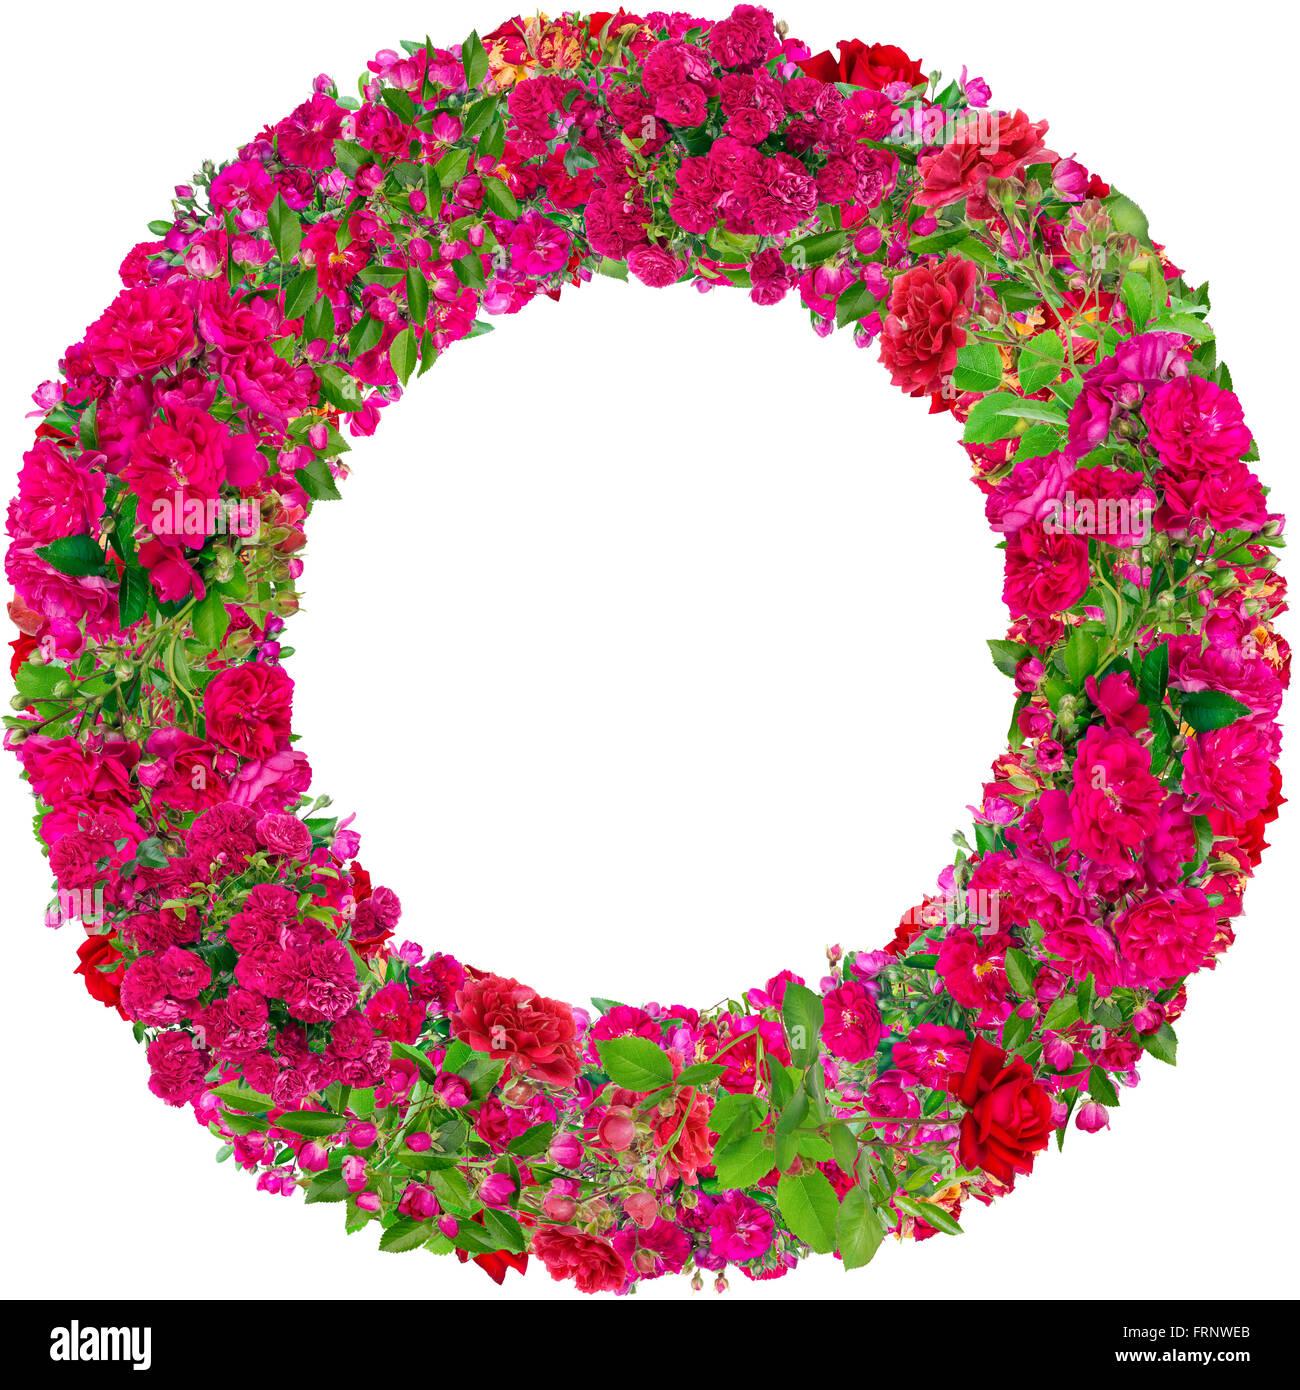 Runde Bilderrahmen aus rosa Sommer Rosen Zweige Knospen und Blüten ...